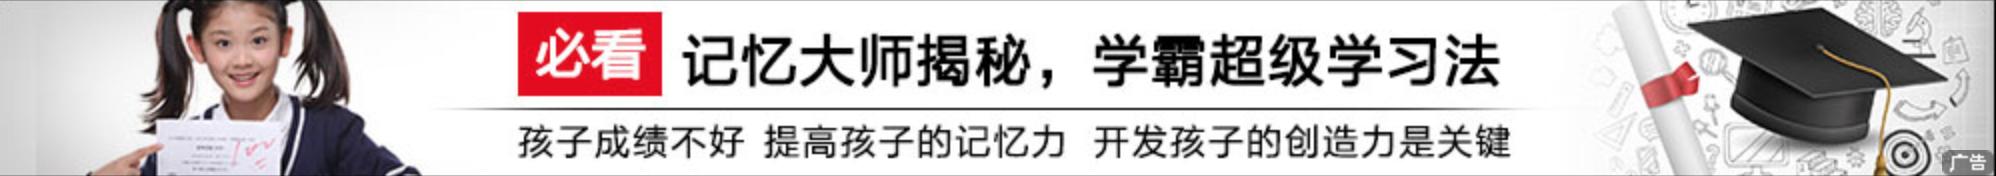 banner广告-新浪新闻